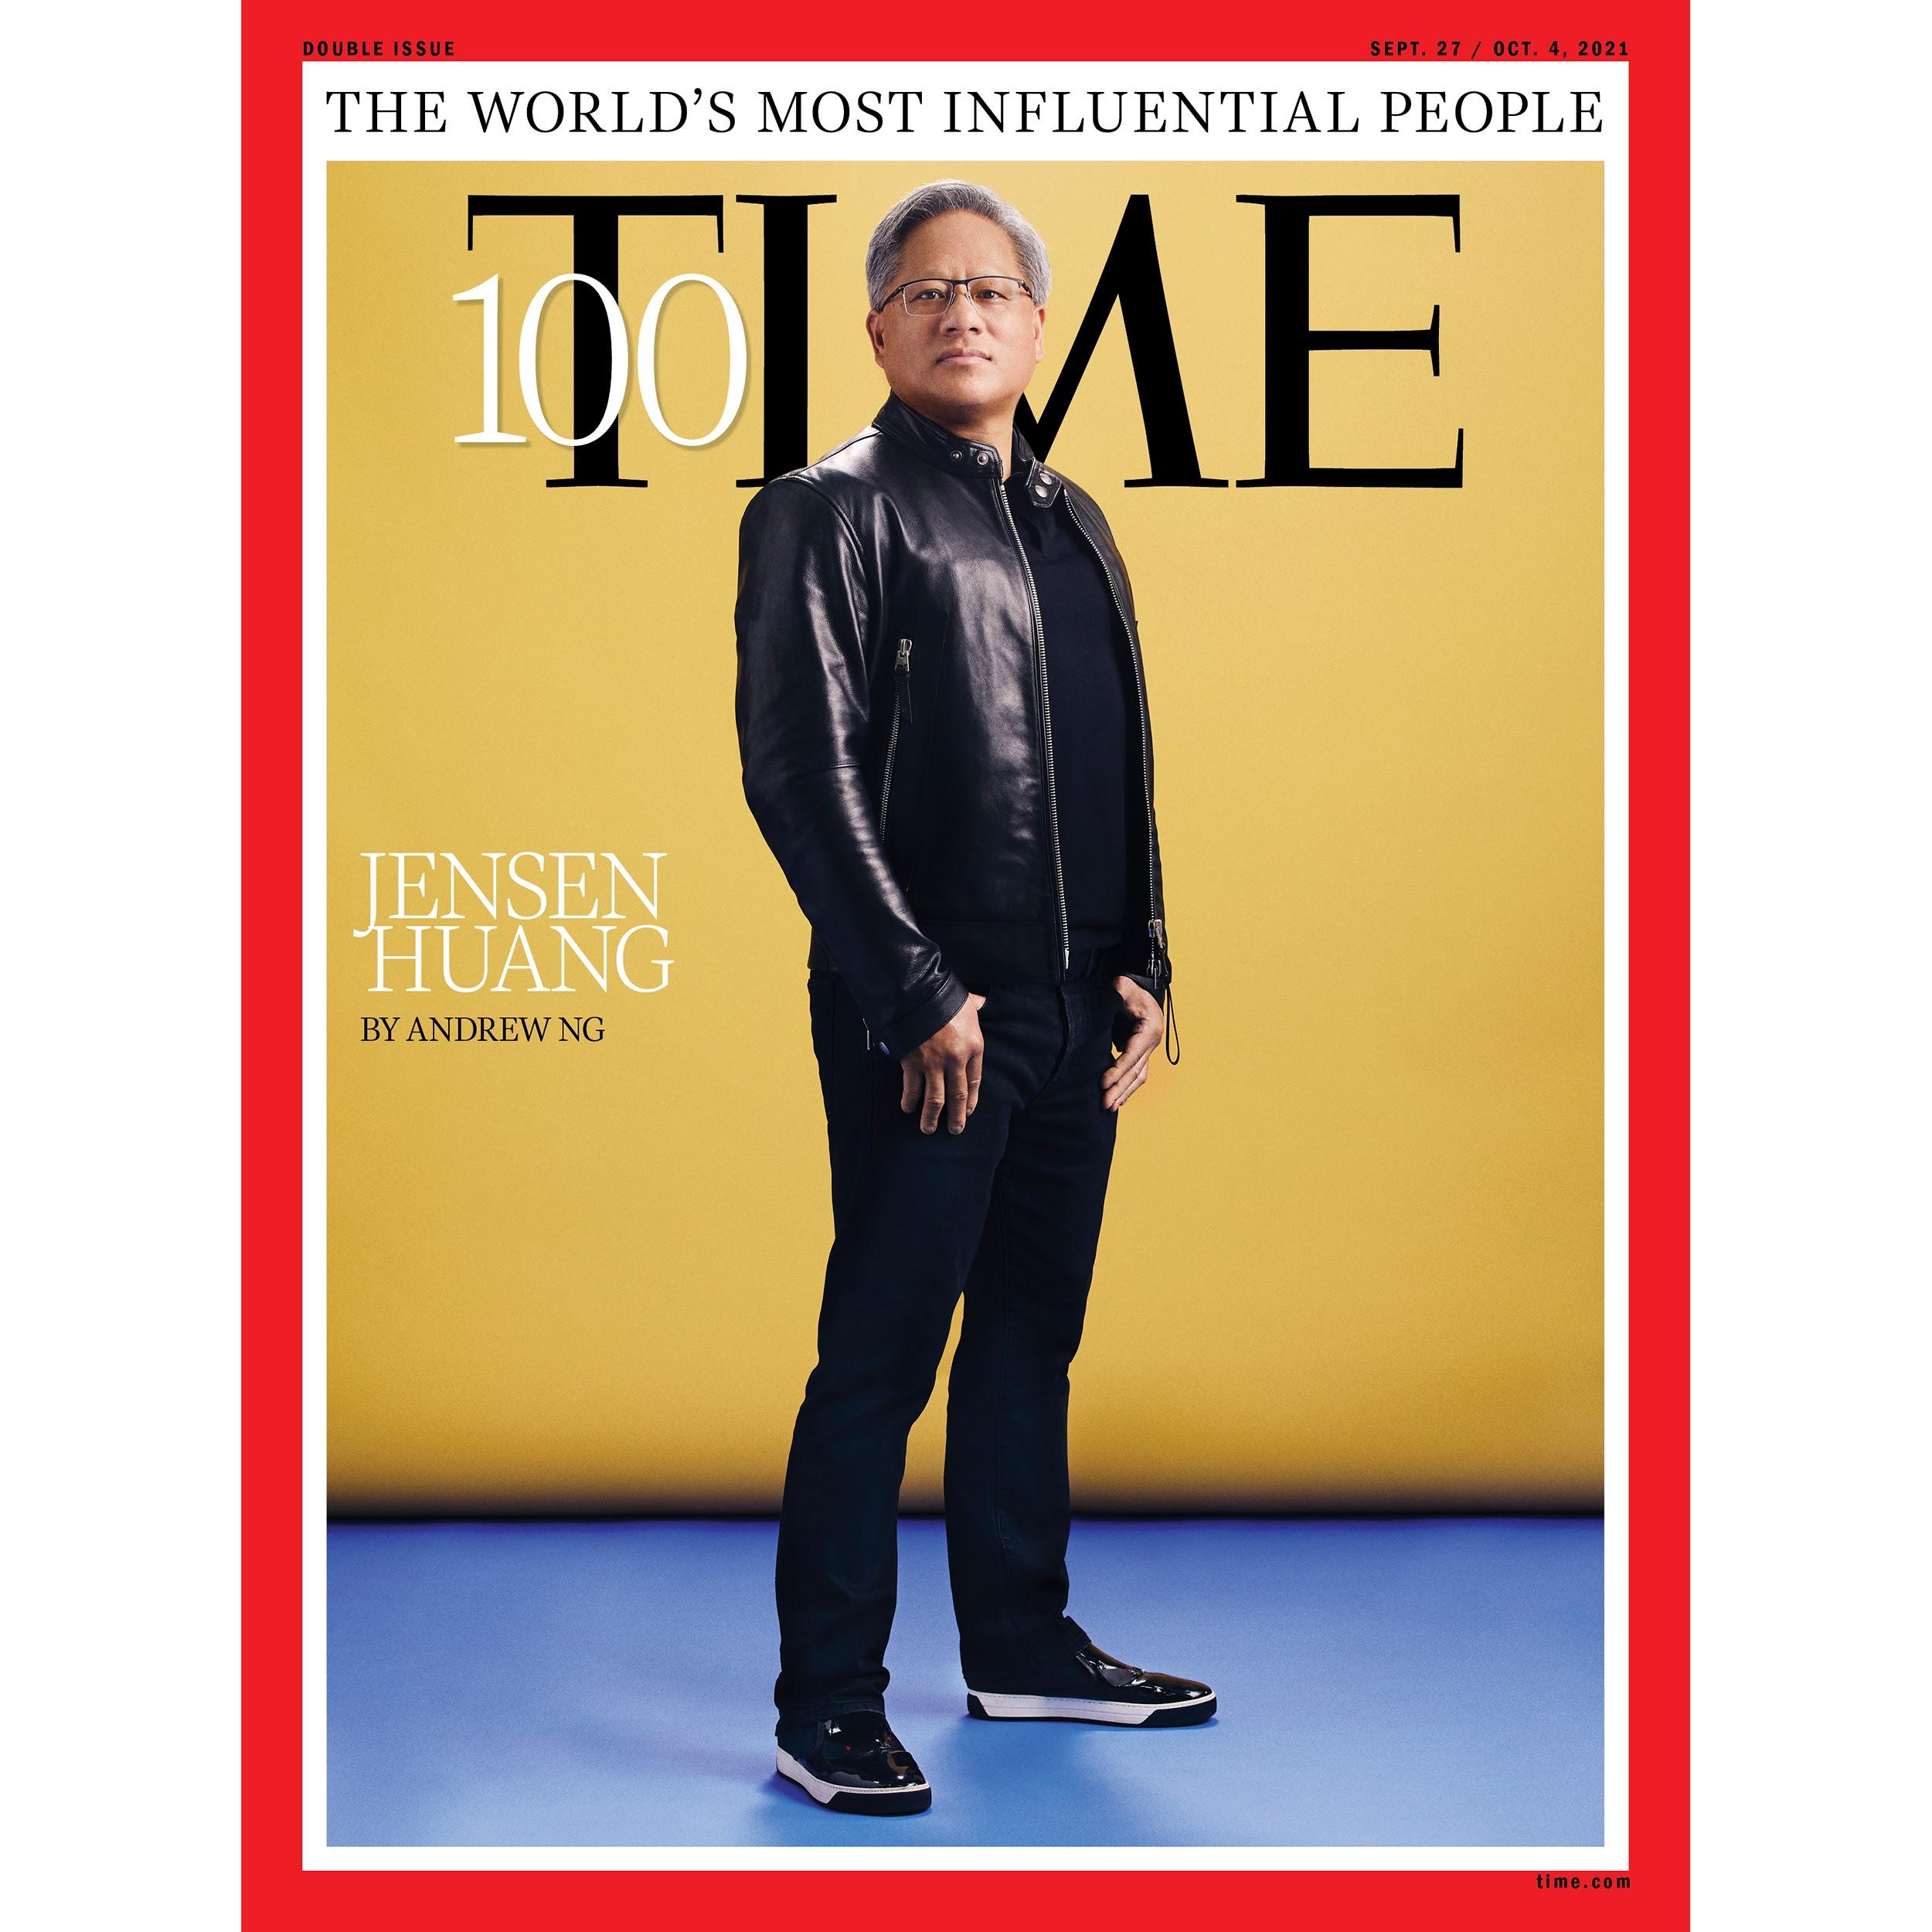 Jensen Huang 100 time